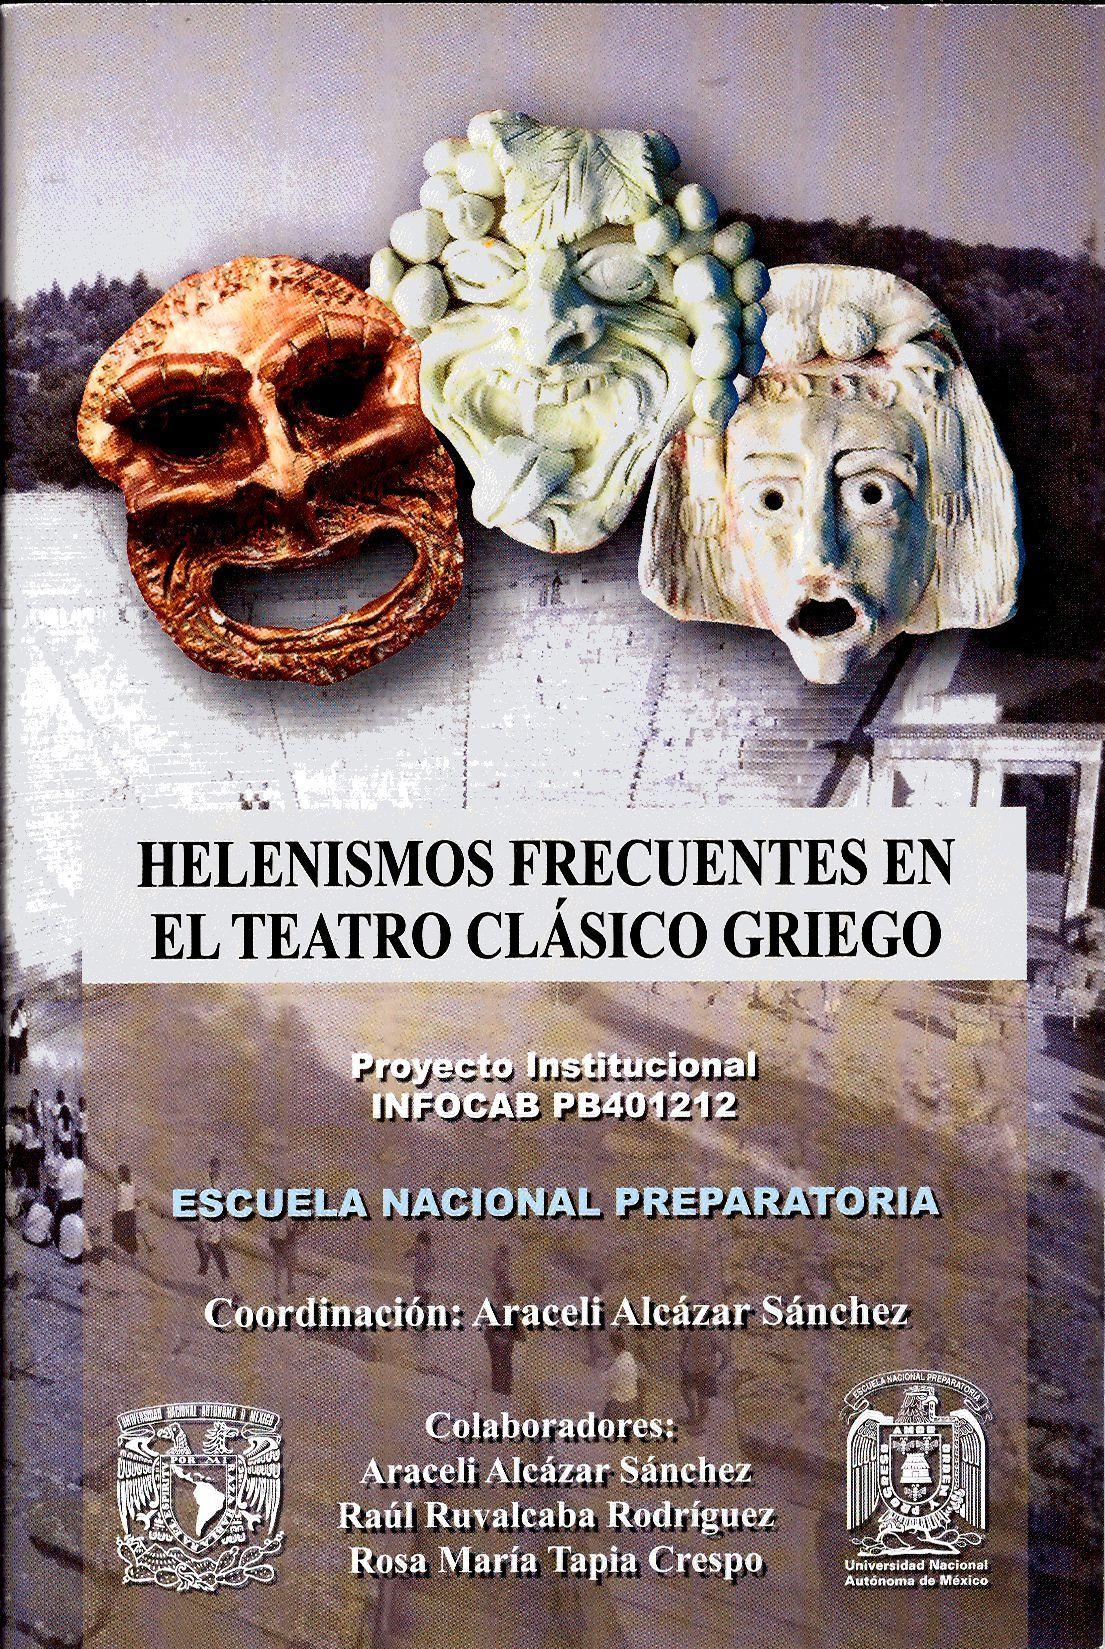 Helenismos frecuentes en el teatro clásico griego